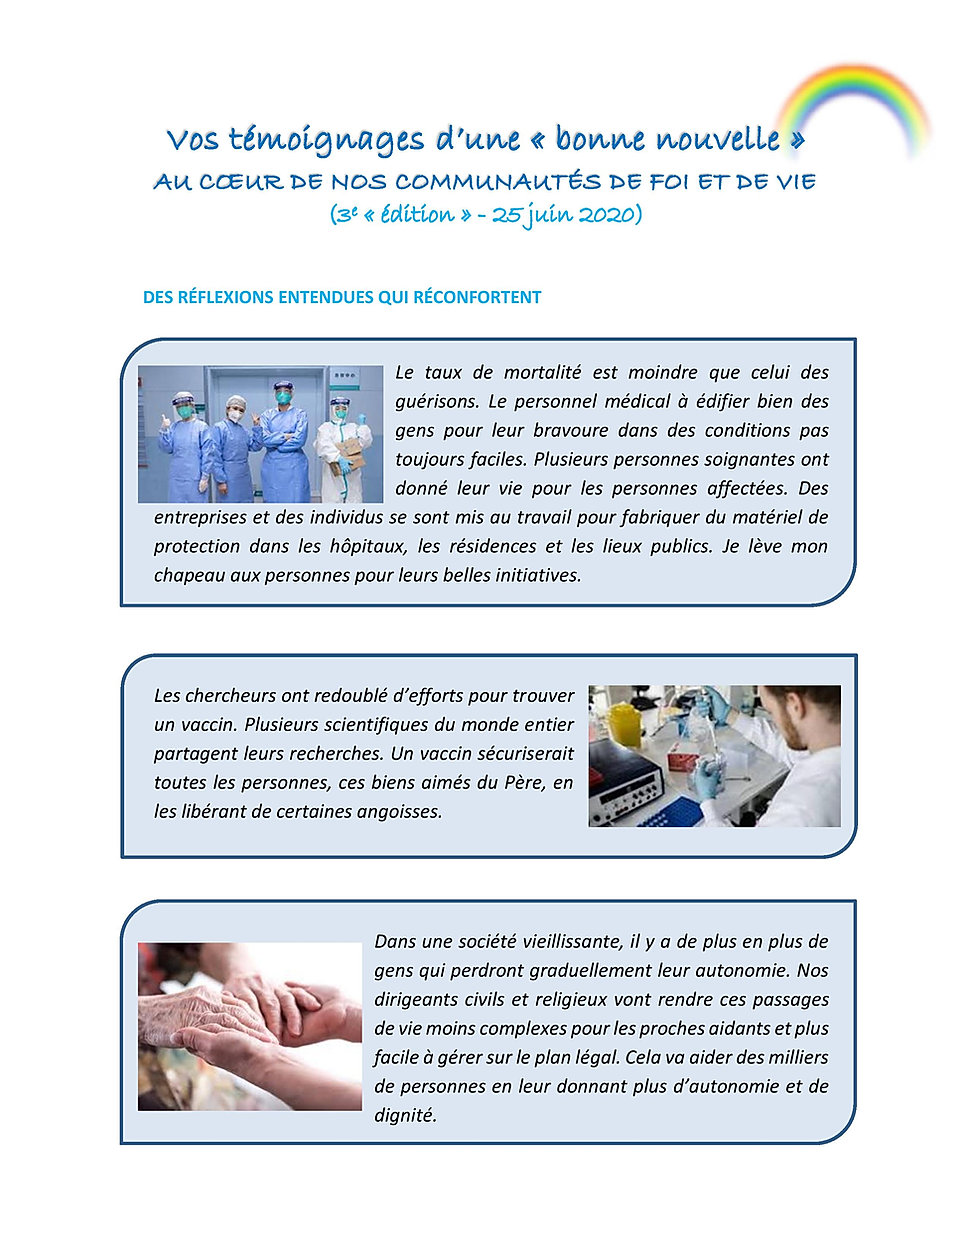 BONNES_NOUVELLES_et_pandémie_(3e_partie